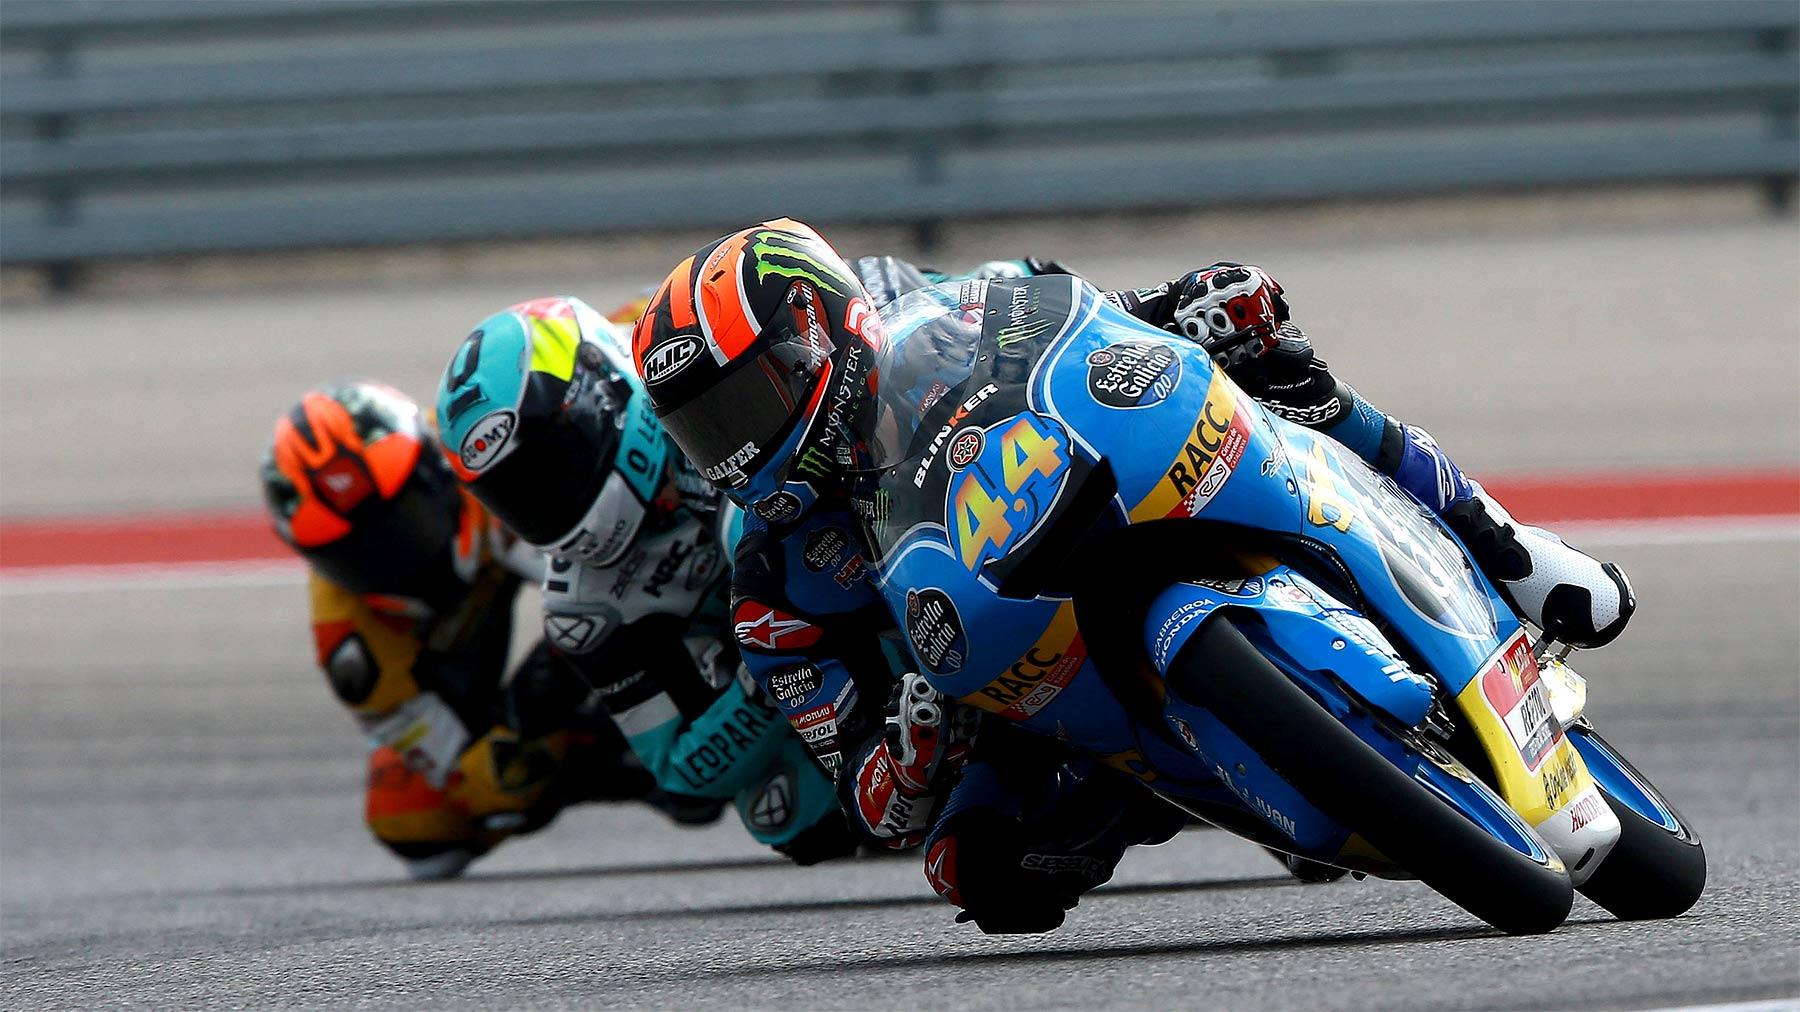 Arón Canet mete un mundo a sus rivales en los libres de Moto3